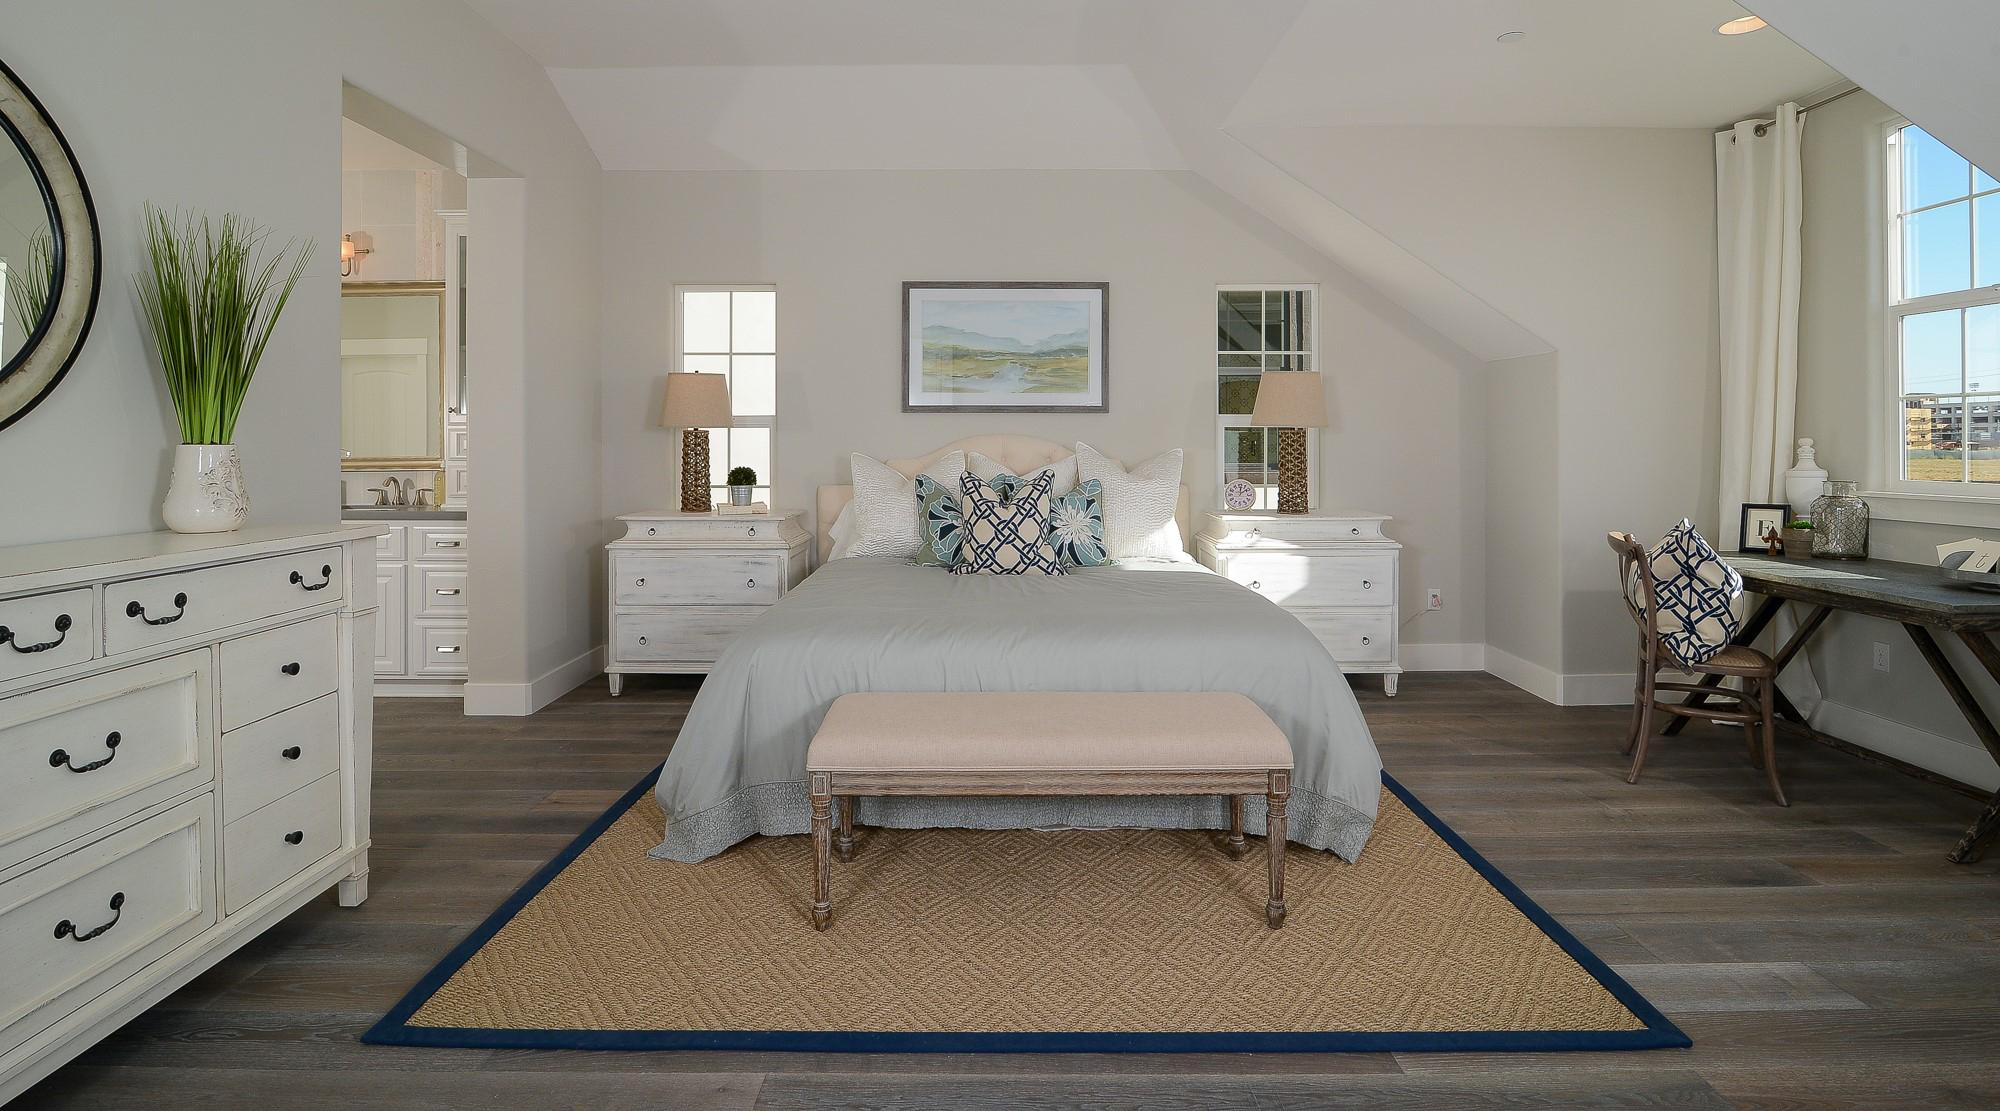 美式兩室一廳陽光般明媚的心情